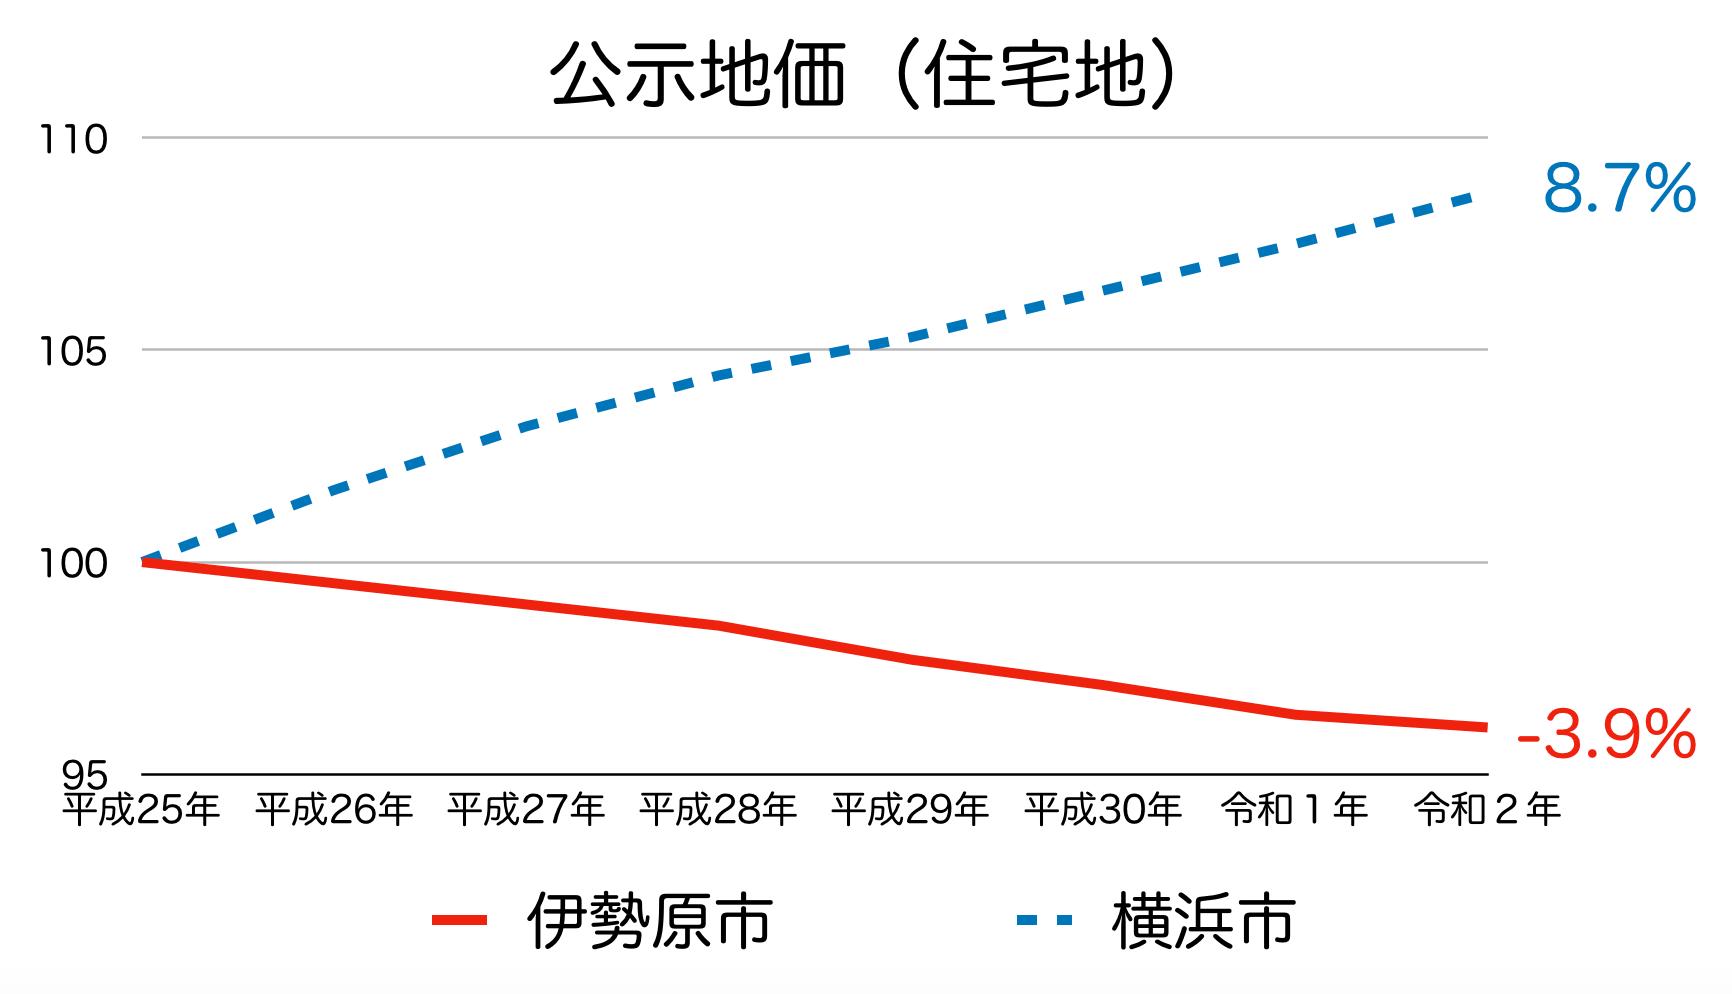 伊勢原市の公示地価の推移(令和2年)